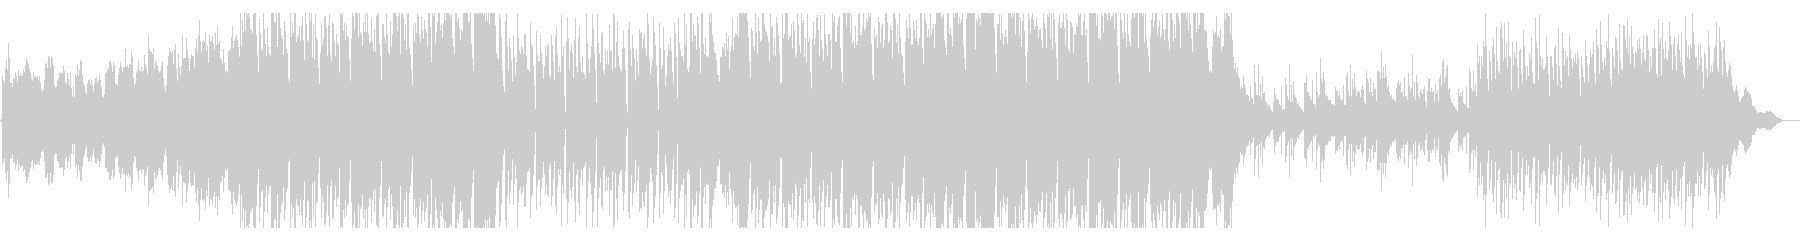 オーケストラ楽器を使ったエレクトロ風曲の未再生の波形